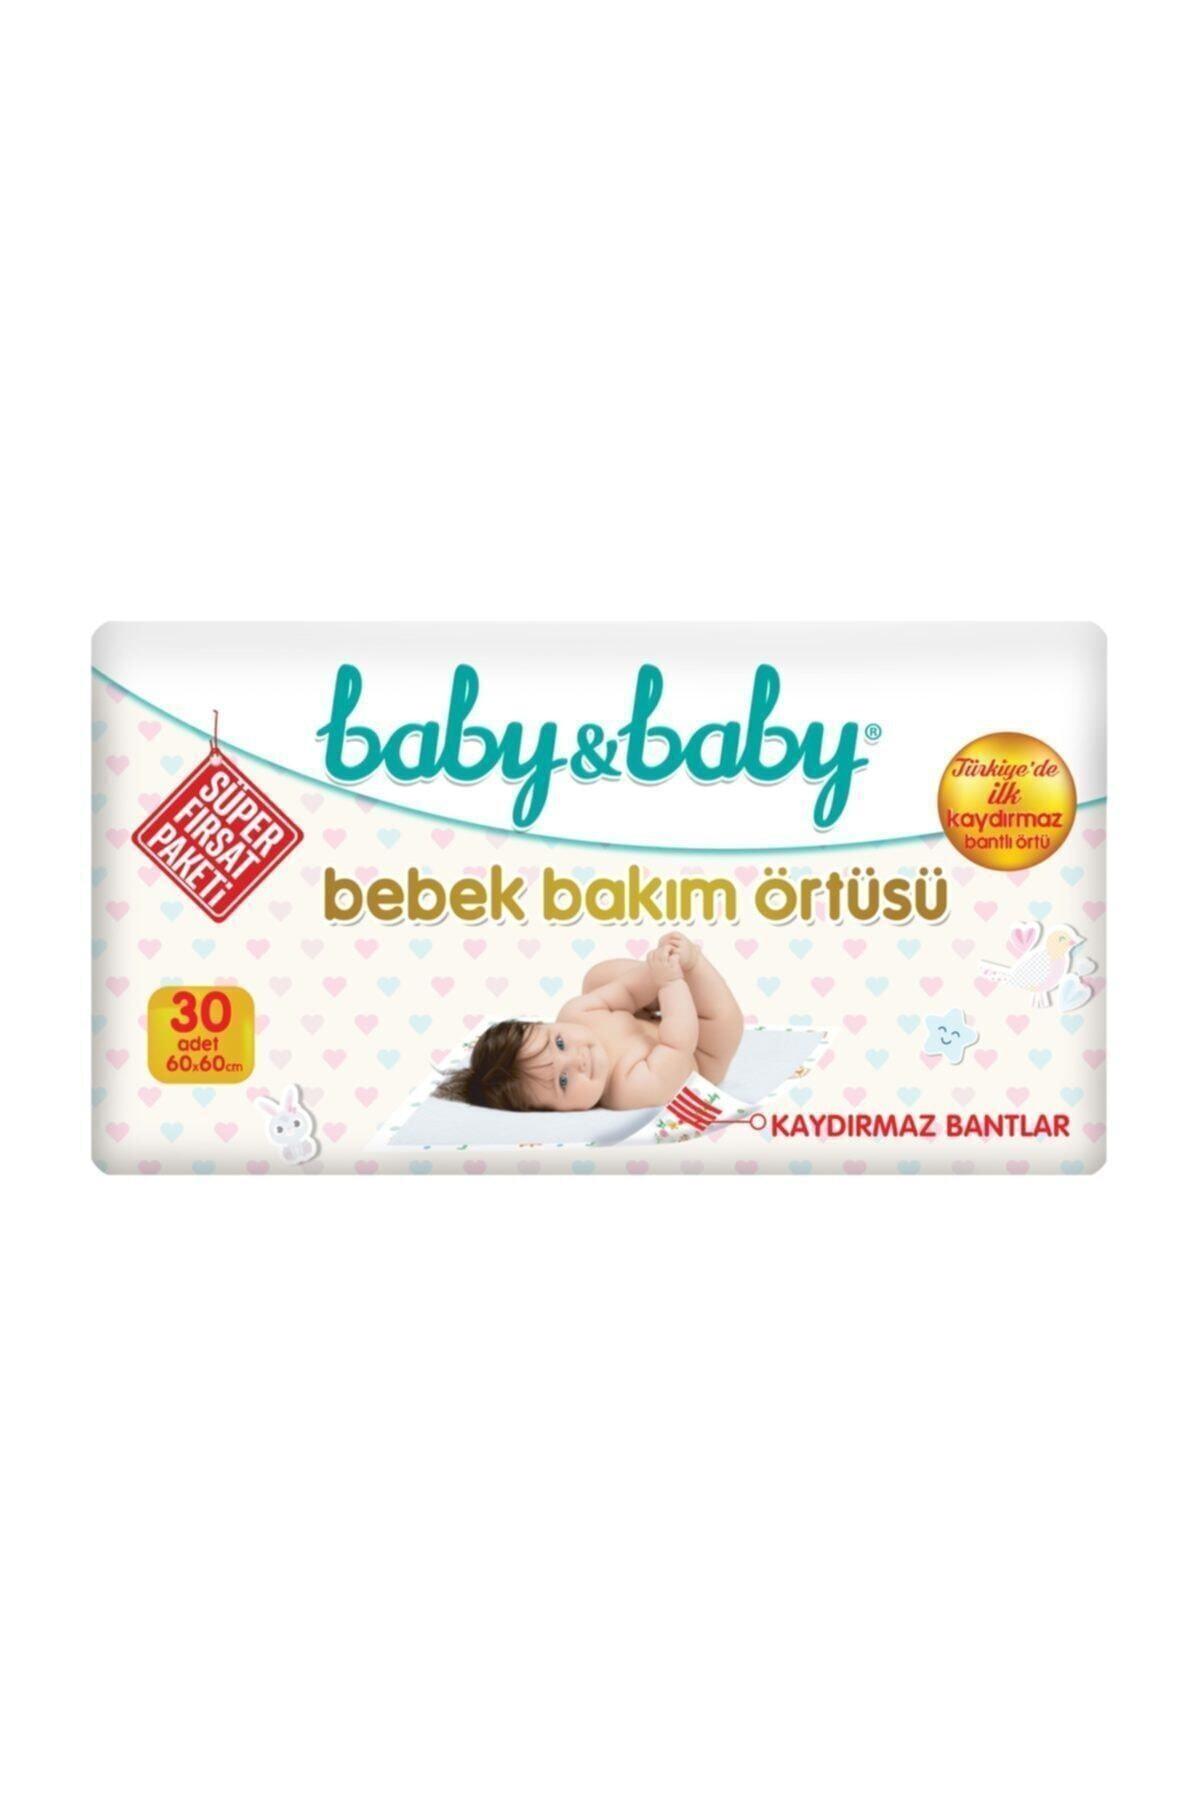 Baby&Baby Baby & Baby Bebek Bakım Örtüsü Alt Açma Bezi 30'lu Paket 1